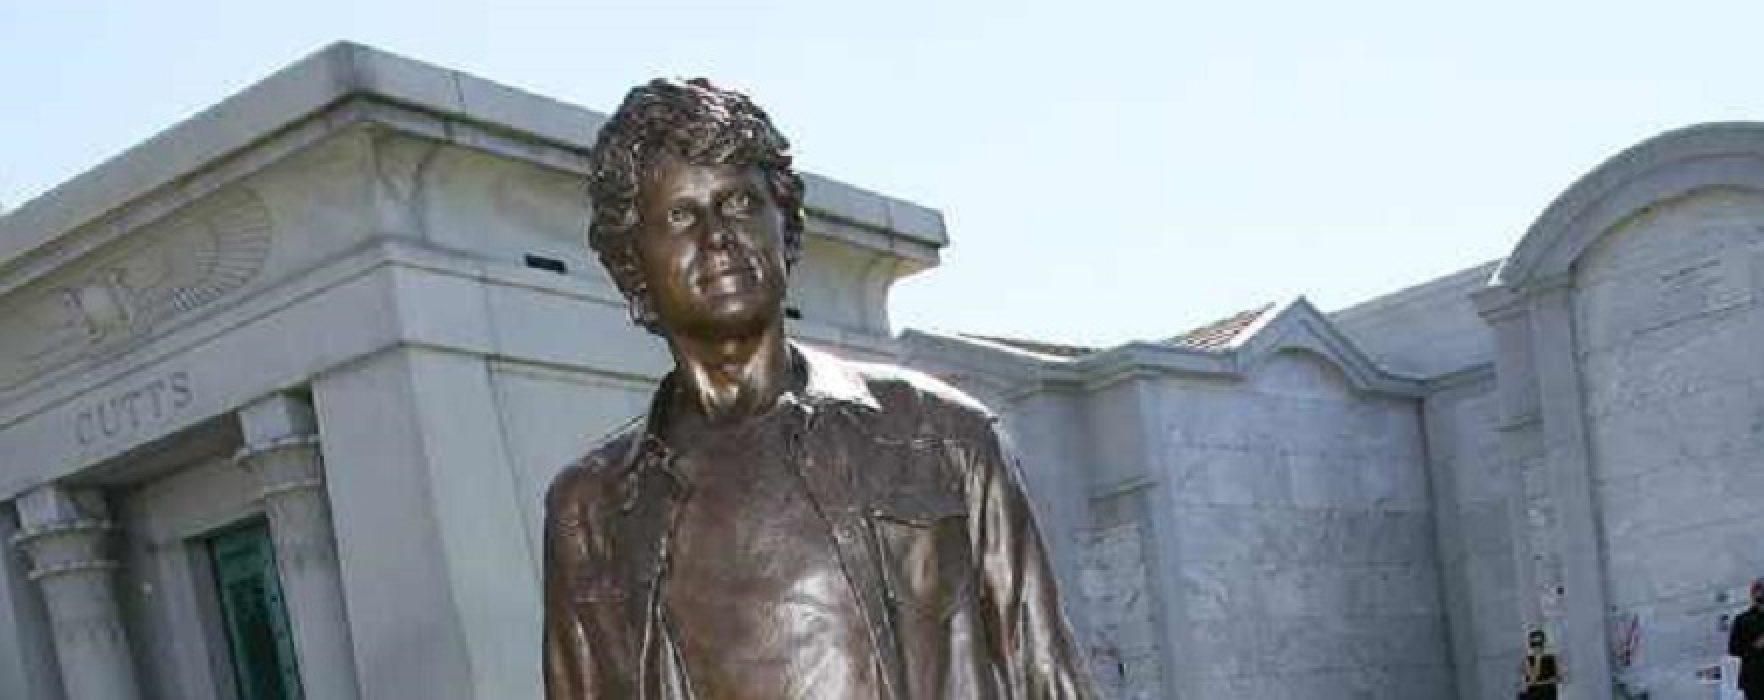 Statue of Anton Yelchin Dedicated in Garden of Legends